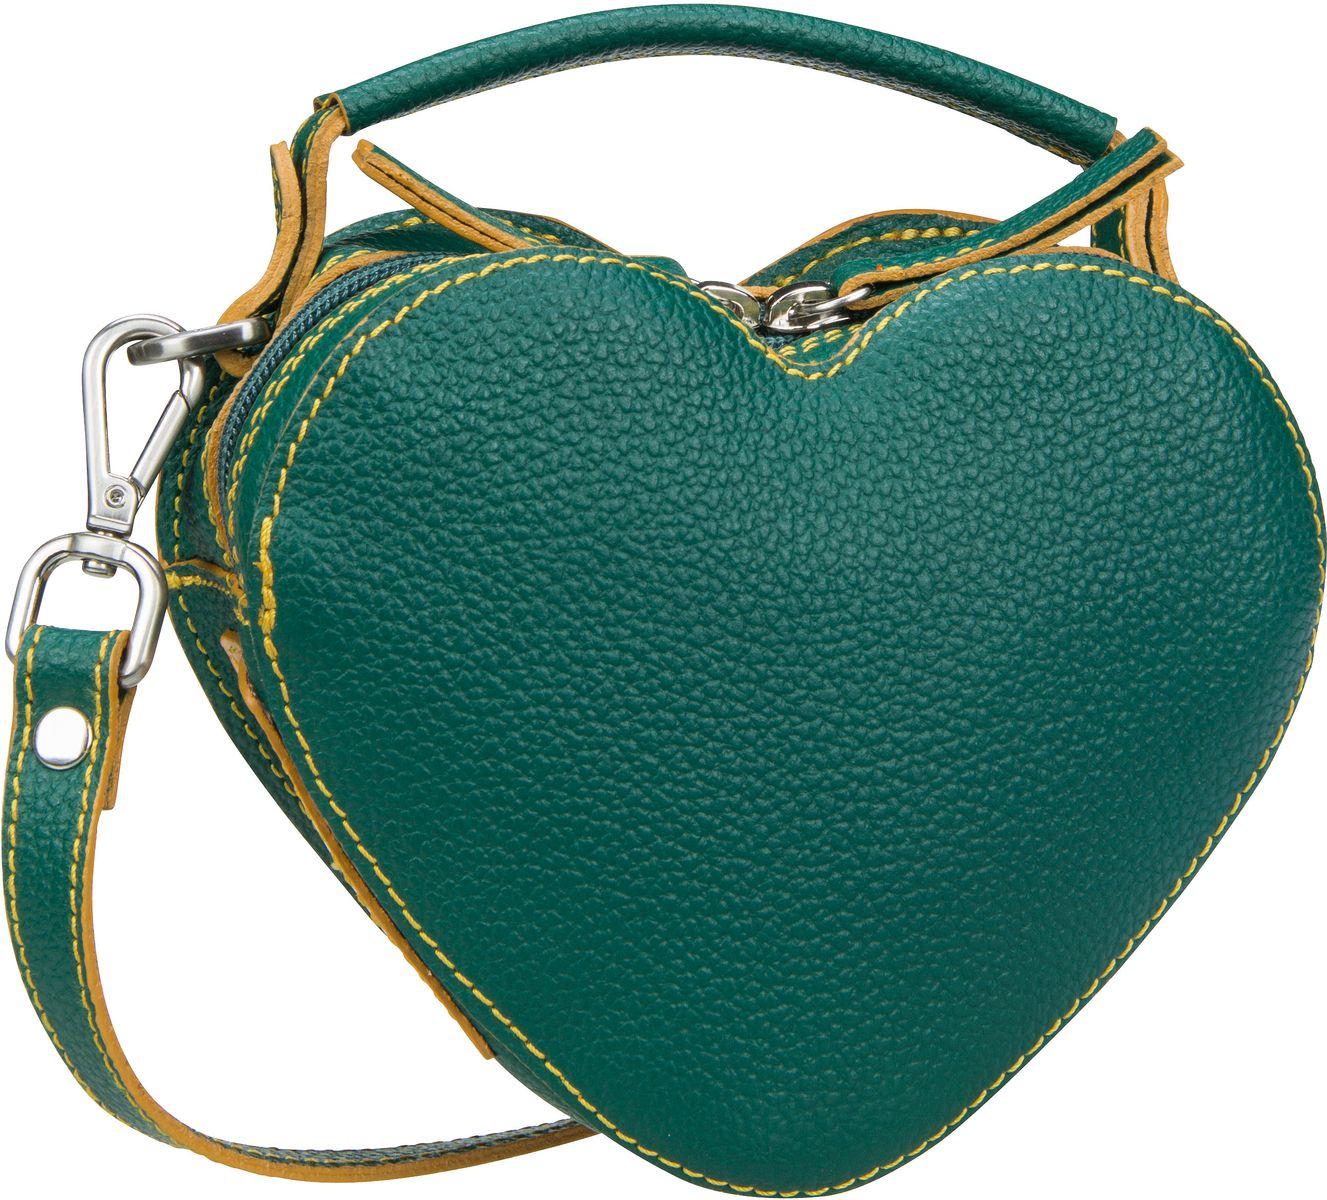 Handtasche Nanda 2611 Umhängetasche Grün